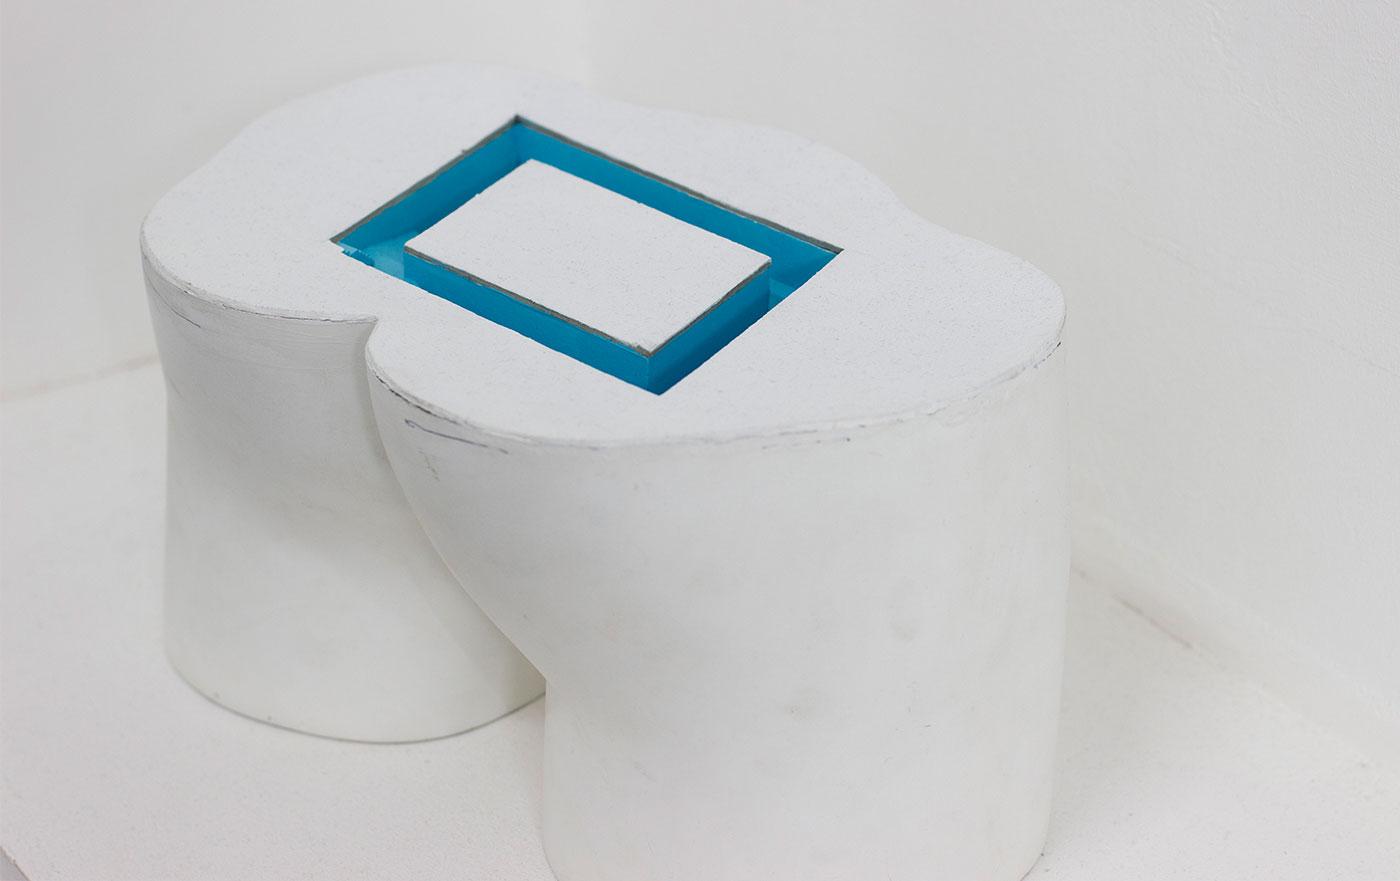 Georg_pinteritsch_exhibition-view-3_2019_bb15